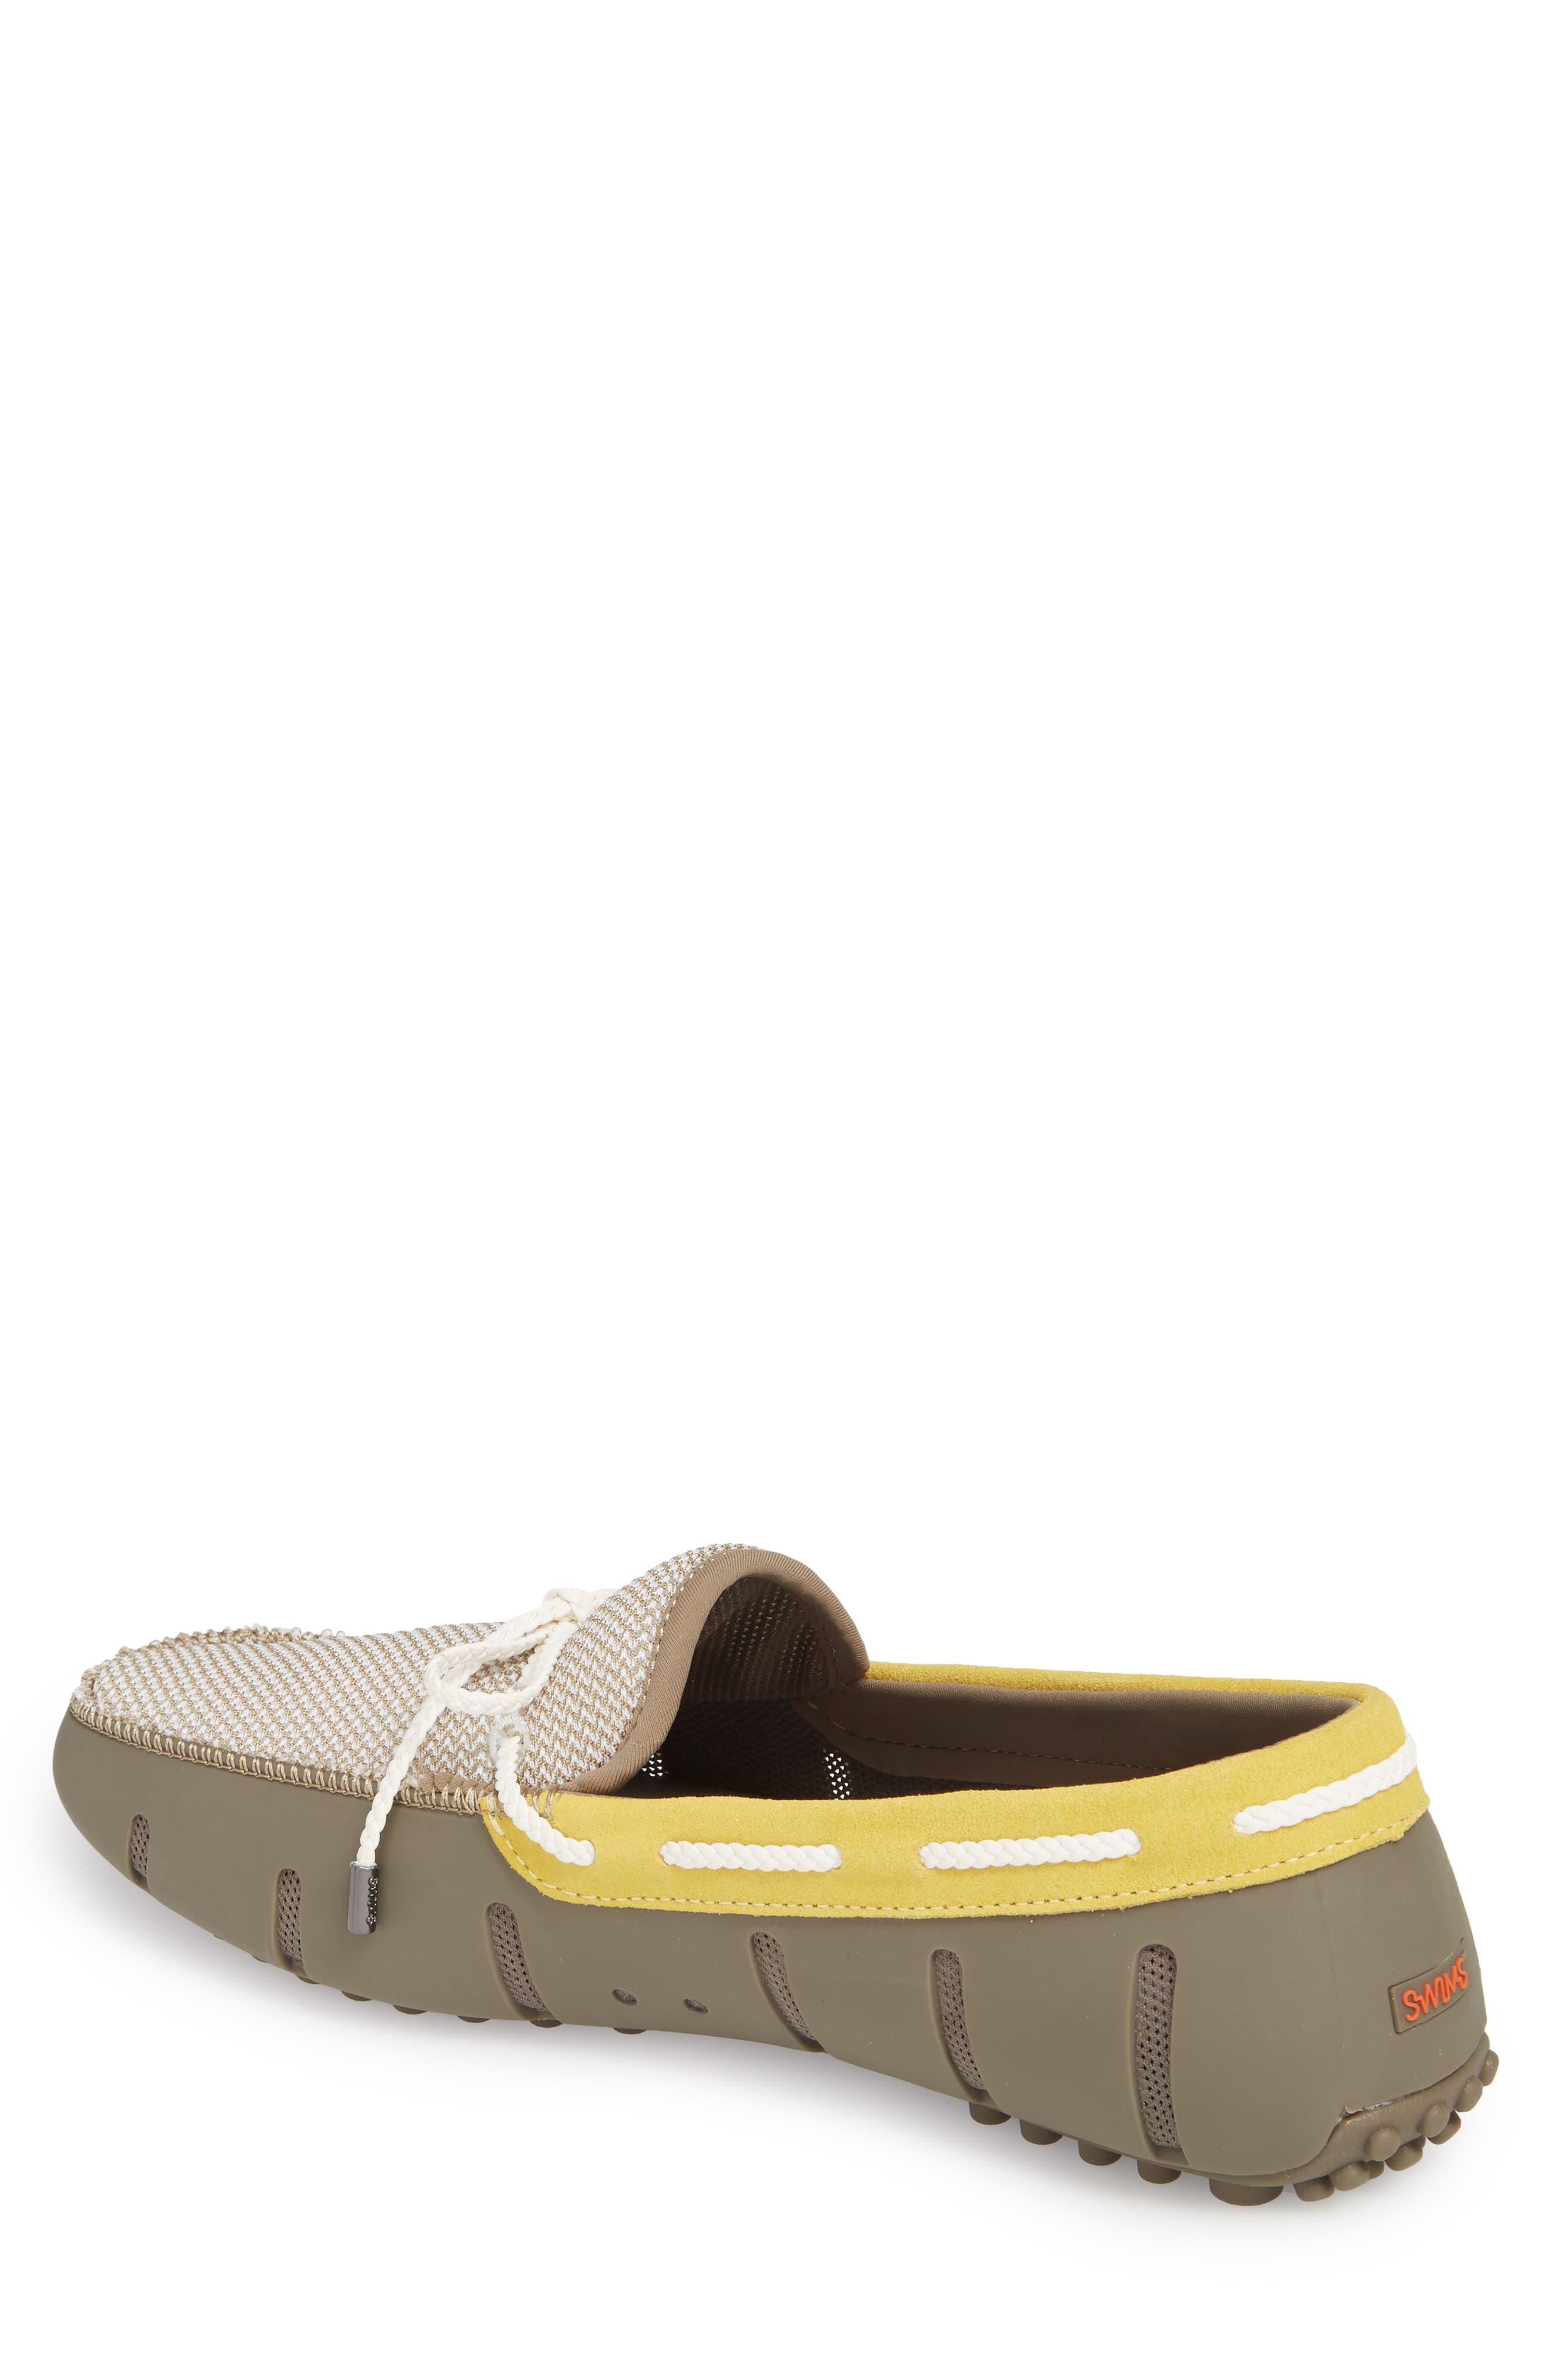 Driving Shoe,                             Alternate thumbnail 2, color,                             KHAKI/ FADED LEMON/ WHITE